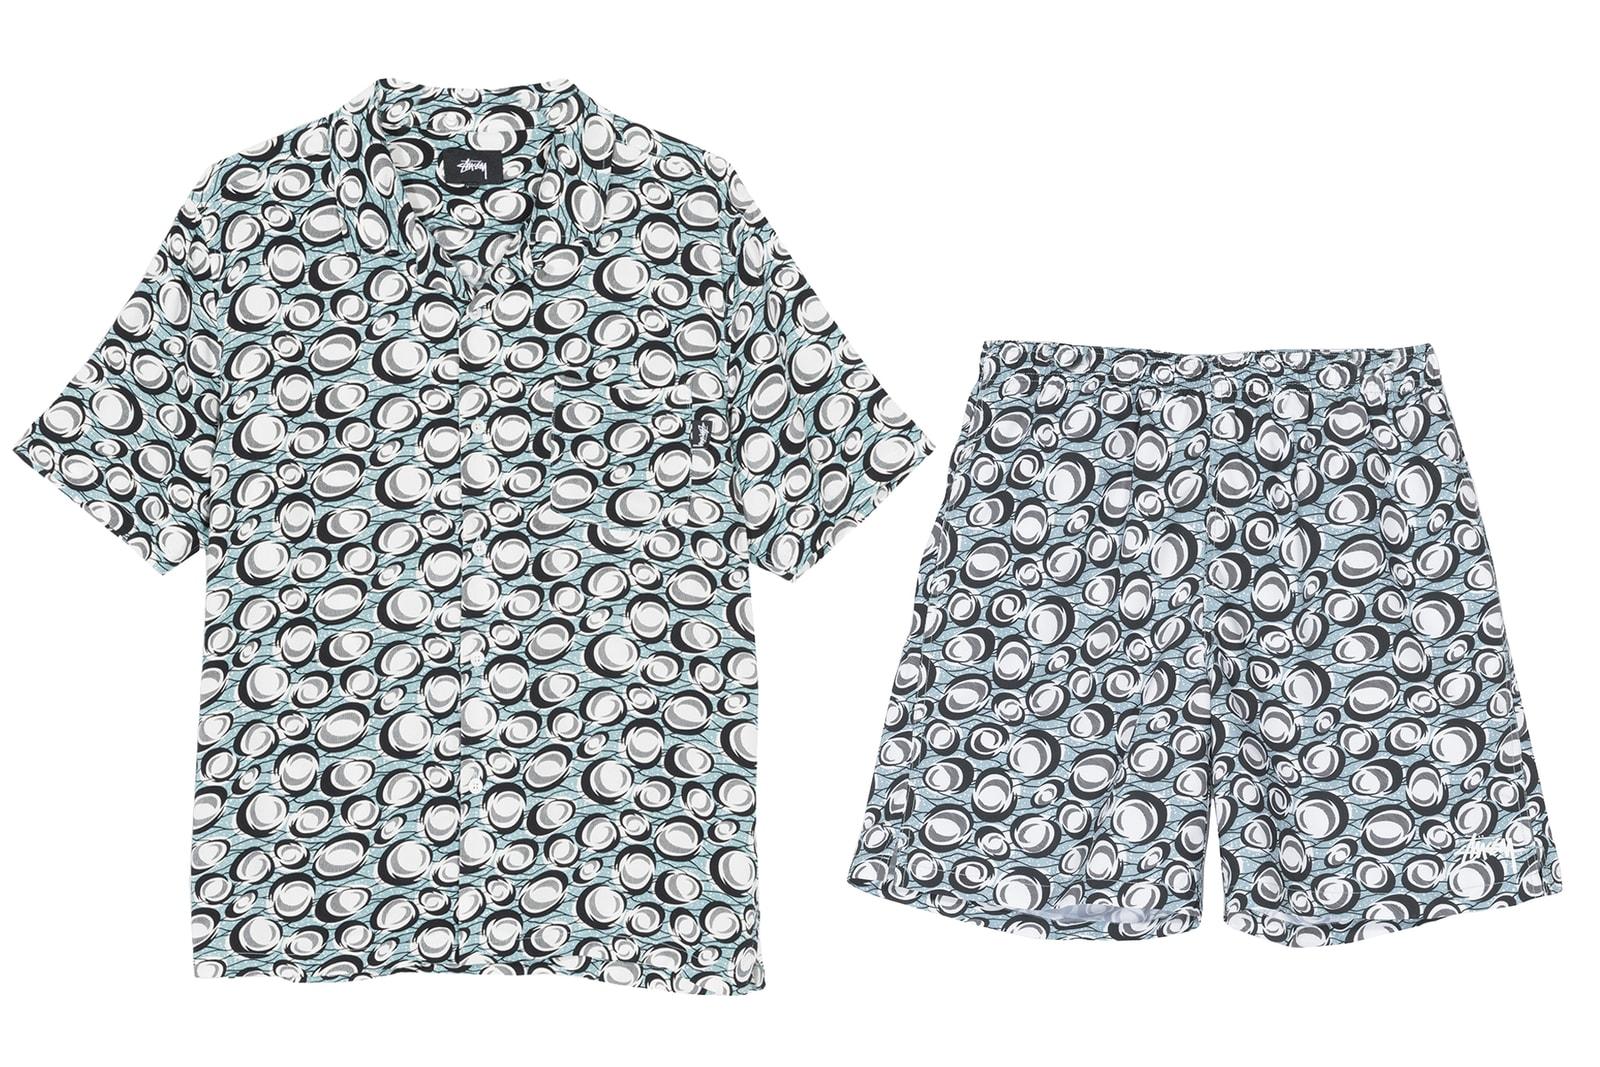 ステューシー STÜSSY 2019年 春 新作 アイテム 発売 Tシャツ スウェット パーカー フーディー